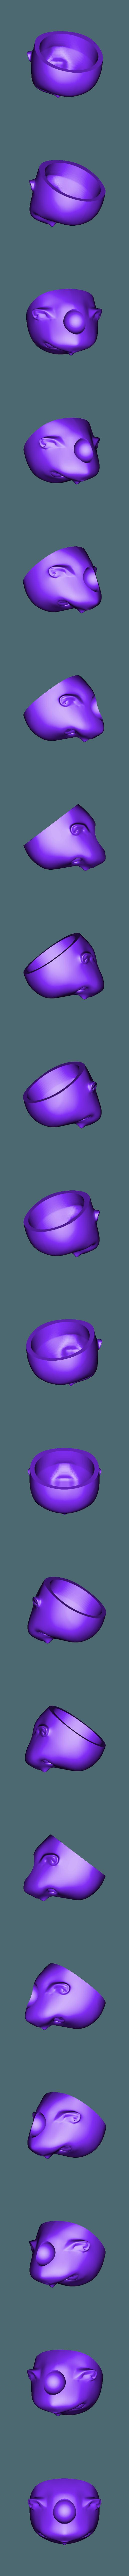 2_kao_face_rev1.stl Télécharger fichier STL gratuit Poupée de 52 cm 1/3 à joint magnétique, style Kasca • Design imprimable en 3D, all-kasca